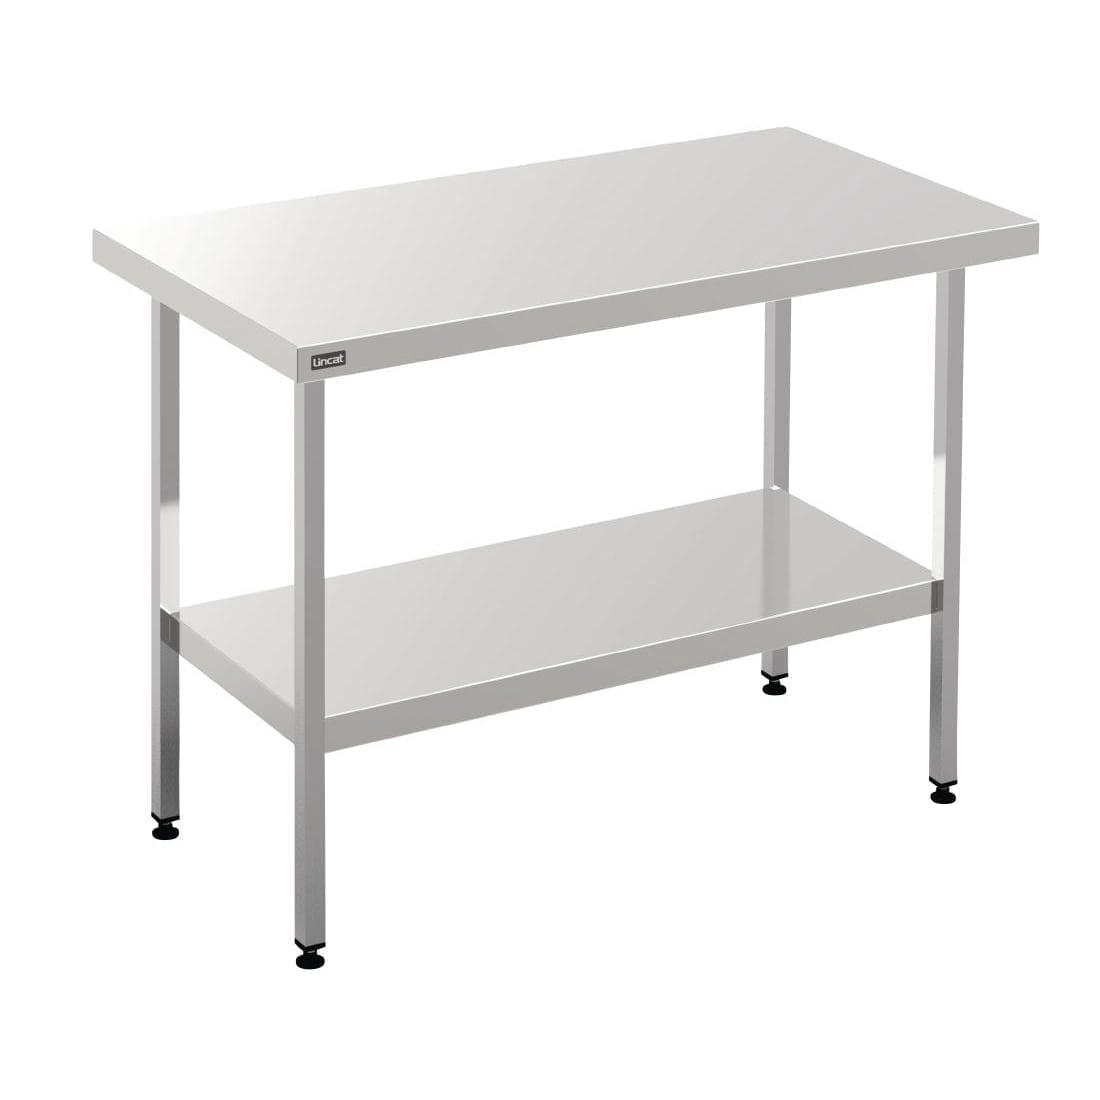 Lincat Centre Table - Width 1500mm (Direct)-0